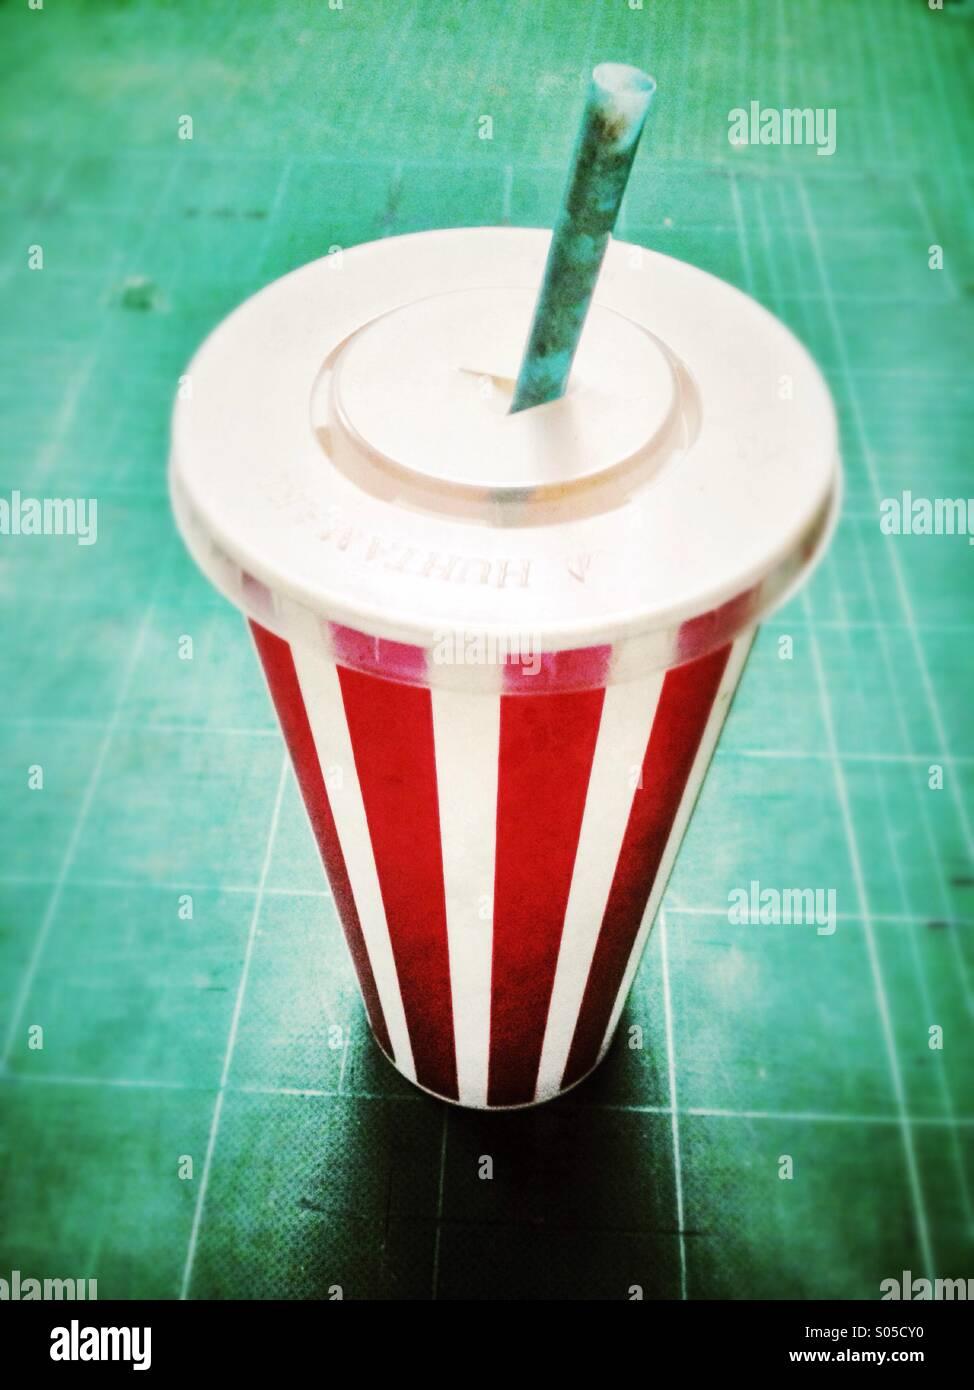 Empty milkshake container. - Stock Image